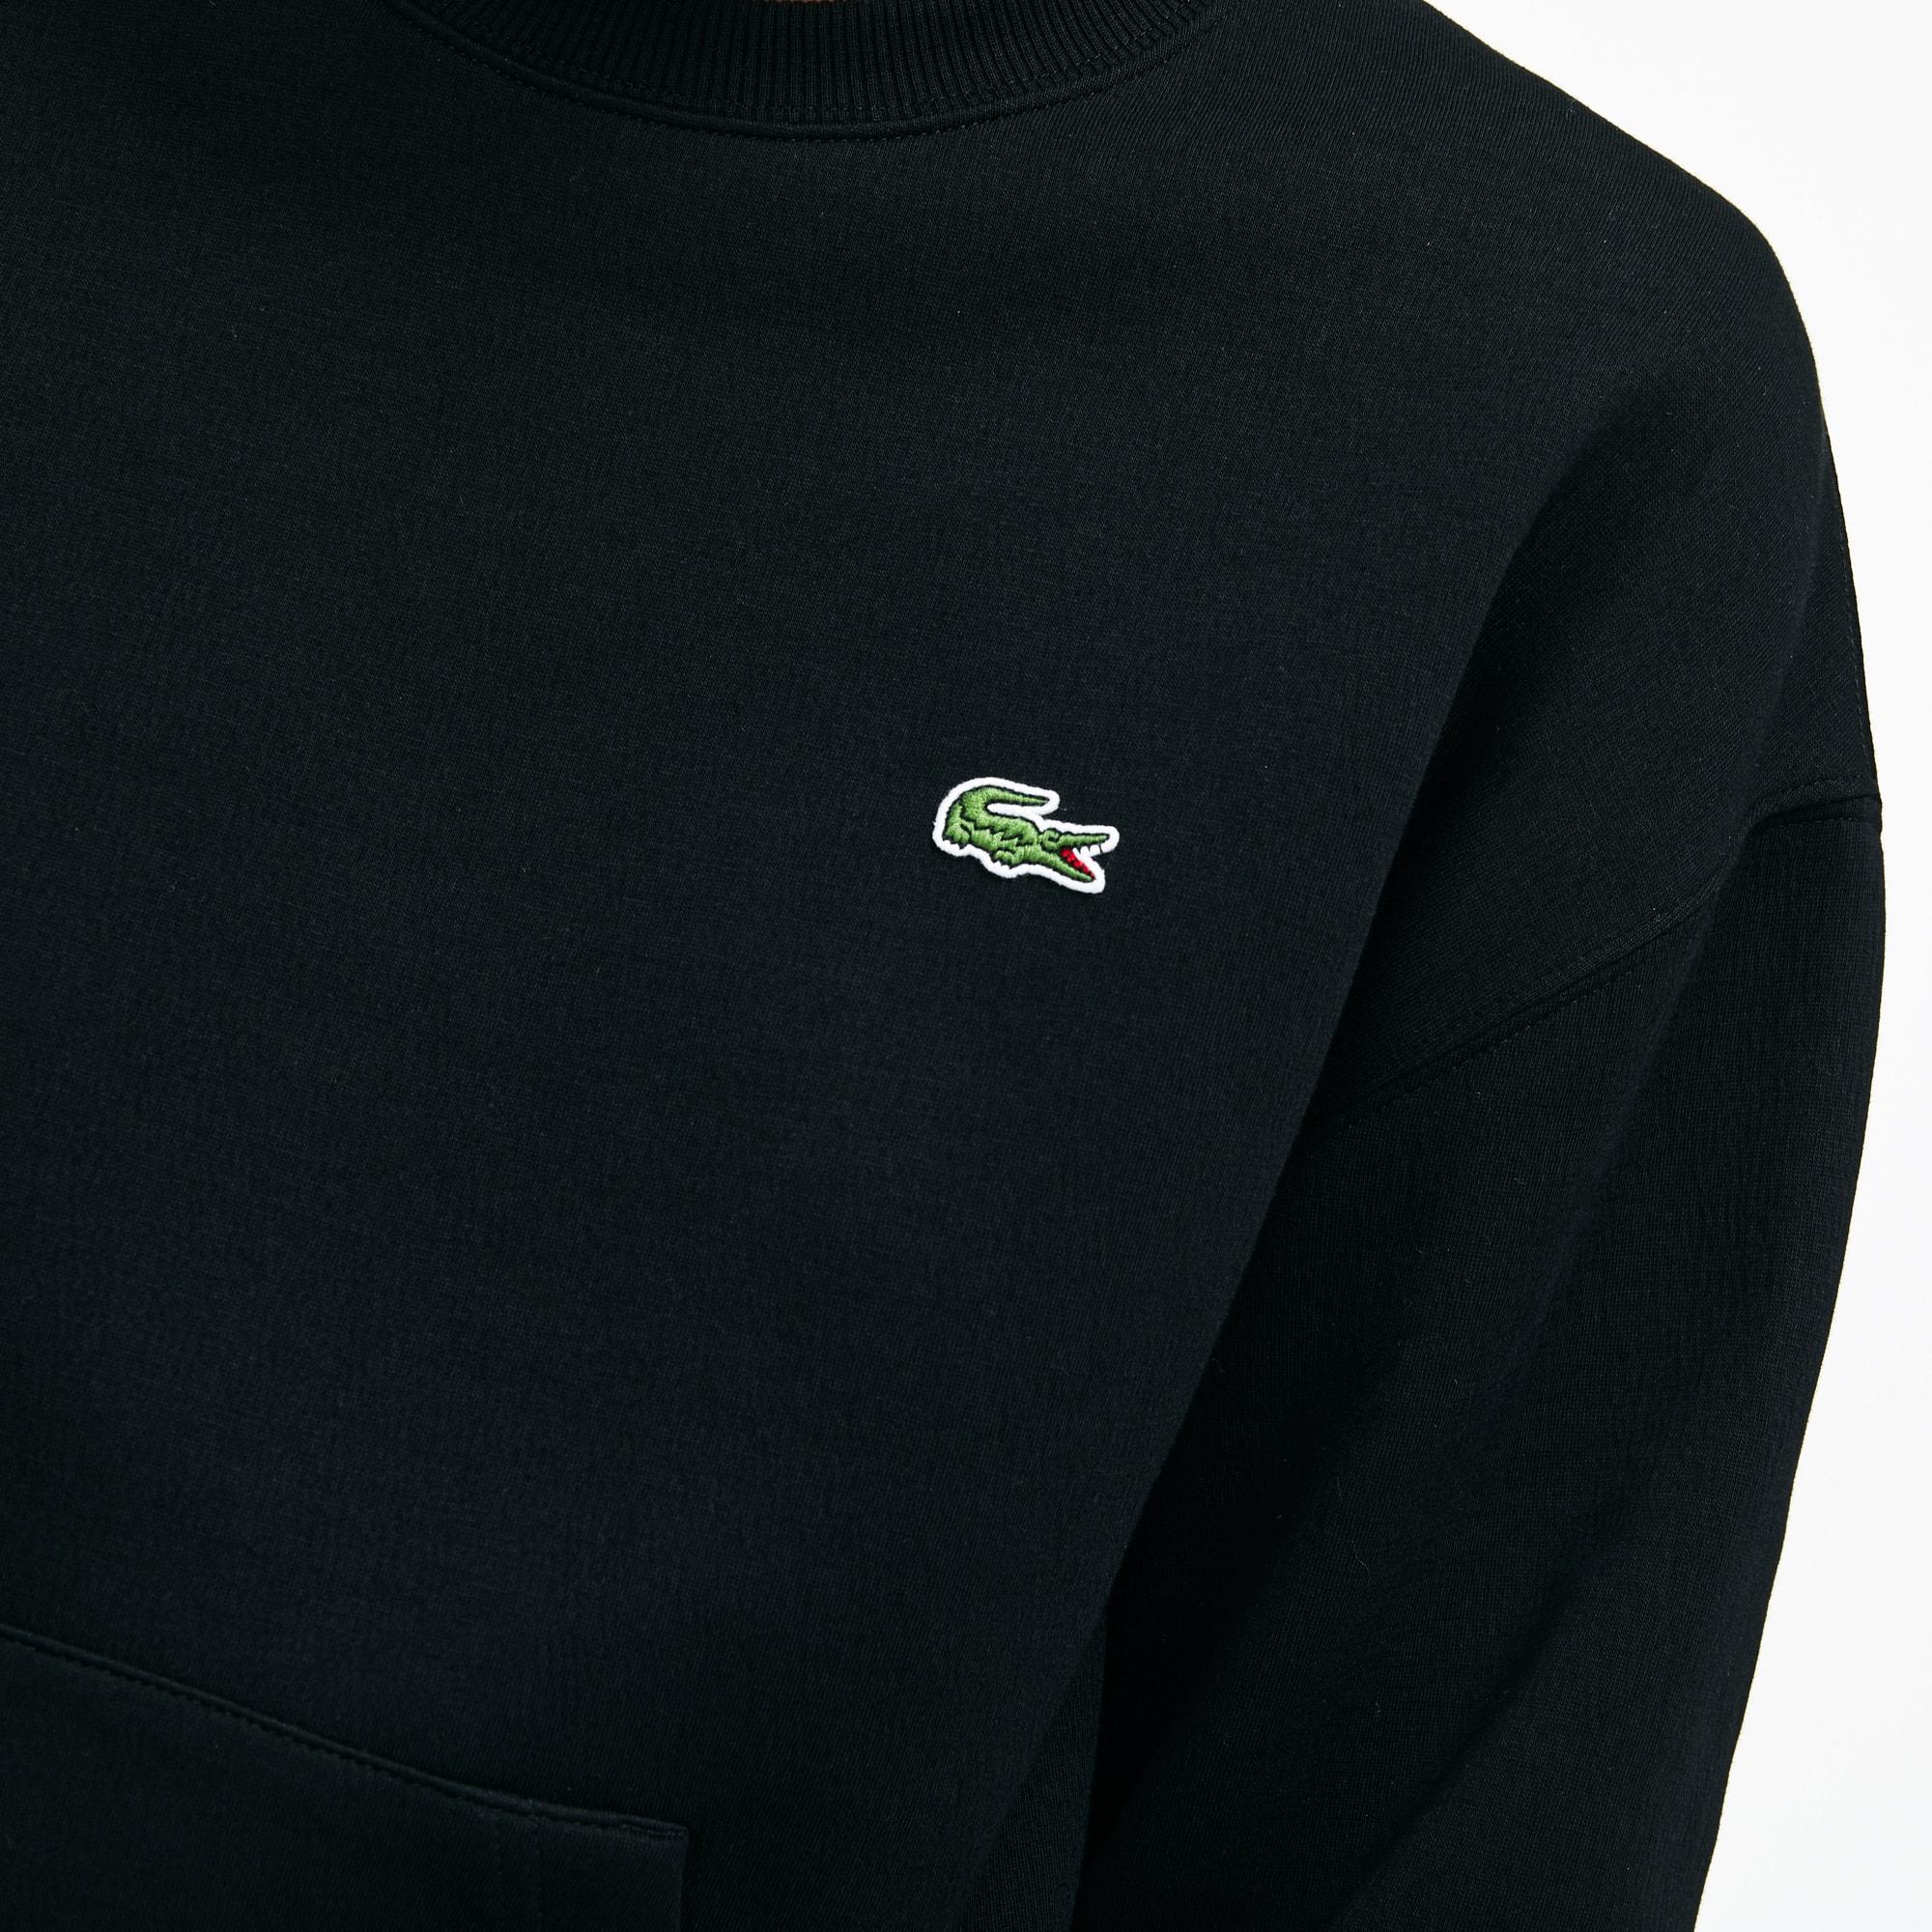 Lacoste - LACOSTE L!VE Rundhals-Sweatshirt mit Stickerei - 6